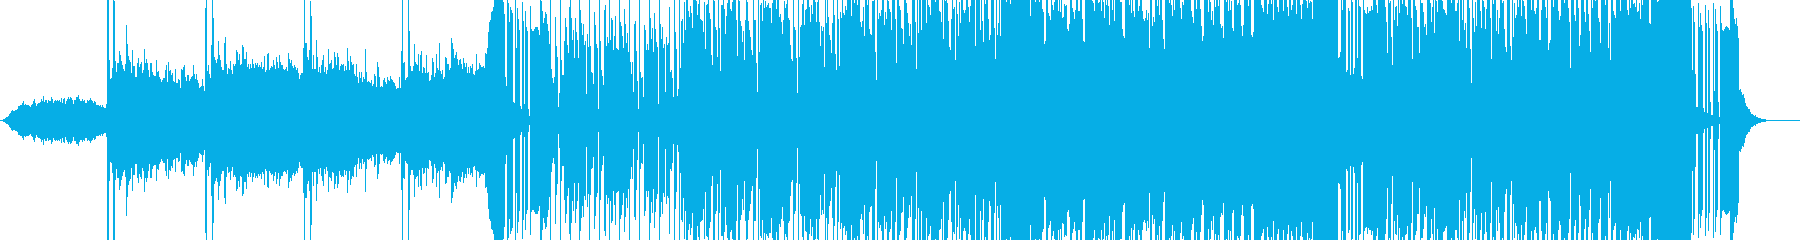 ファンク要素のあるエレクトロの再生済みの波形